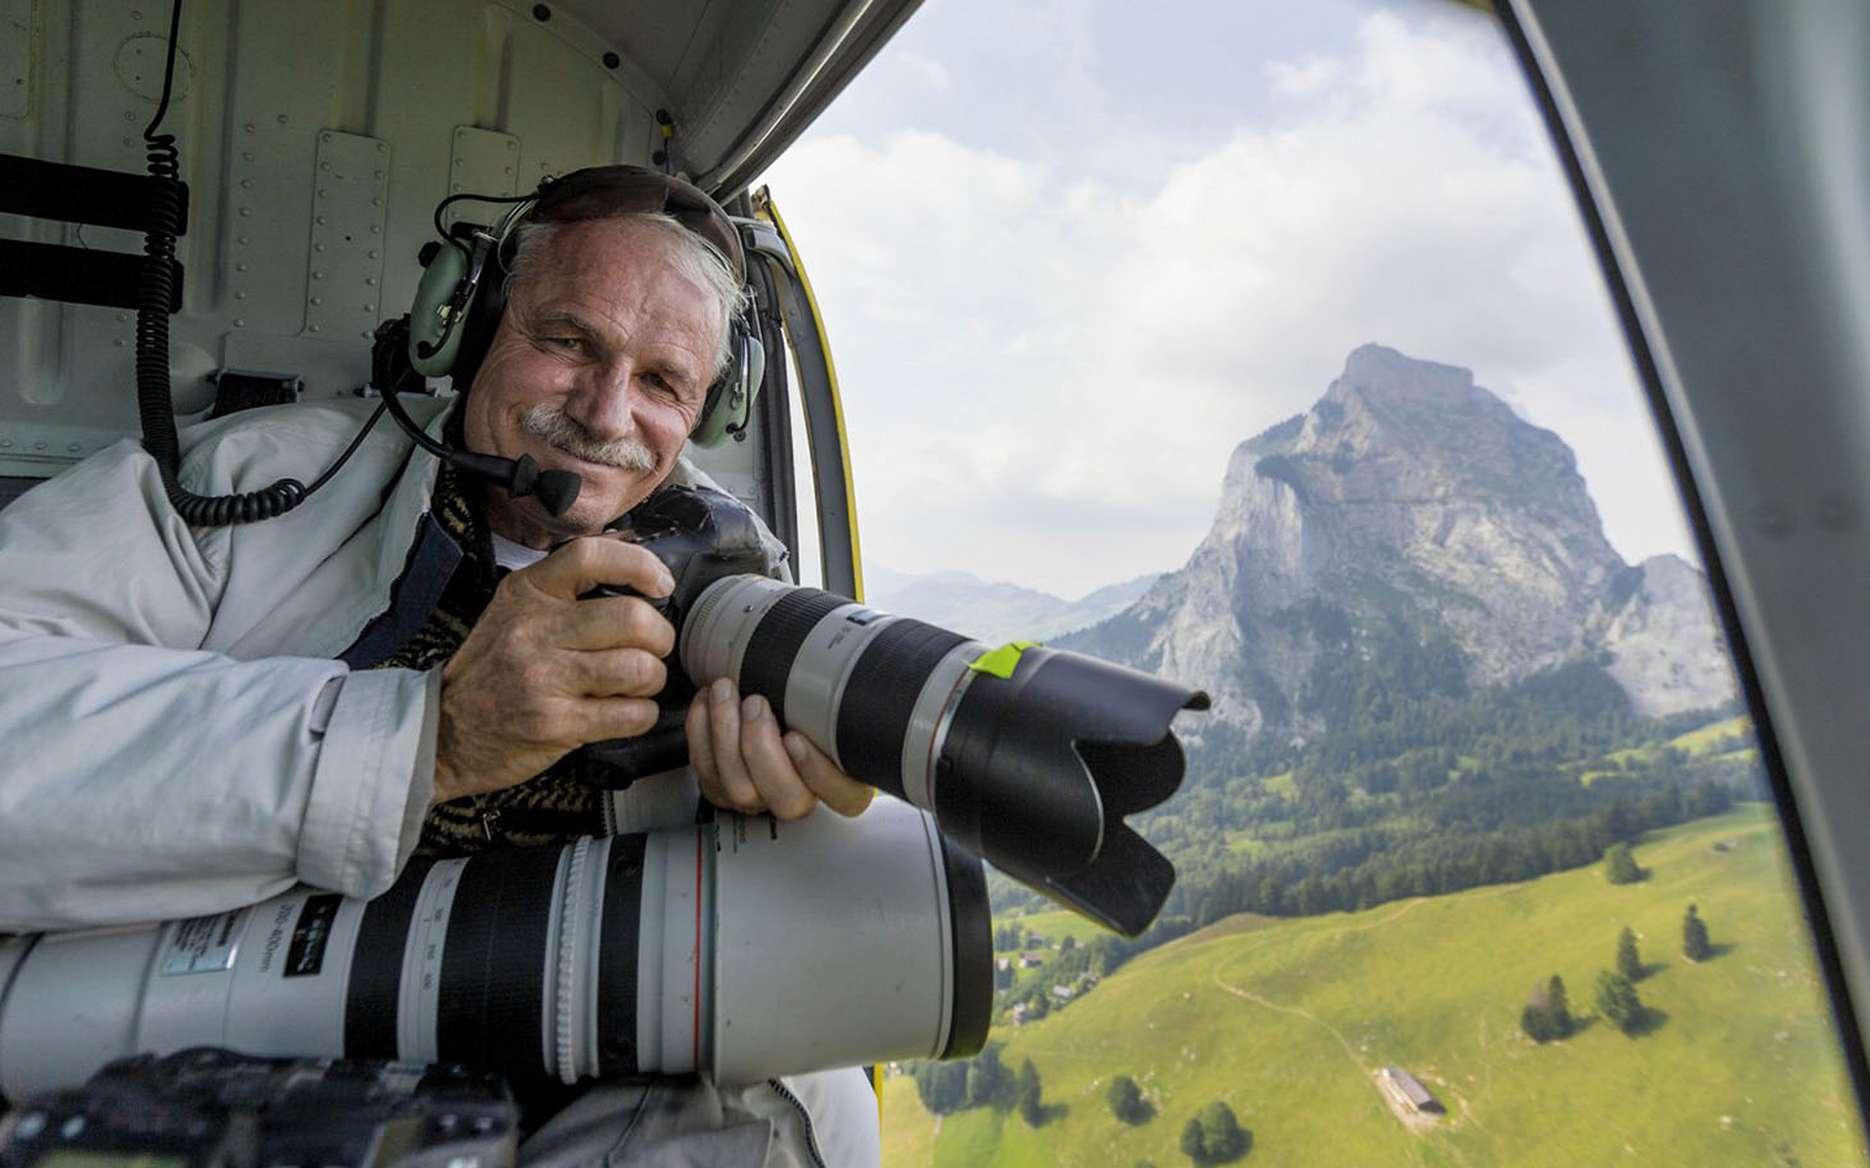 Le photographe Yann Arthus-Bertrand. © Yann Arthus-Bertrand, M6, tous droits réservés